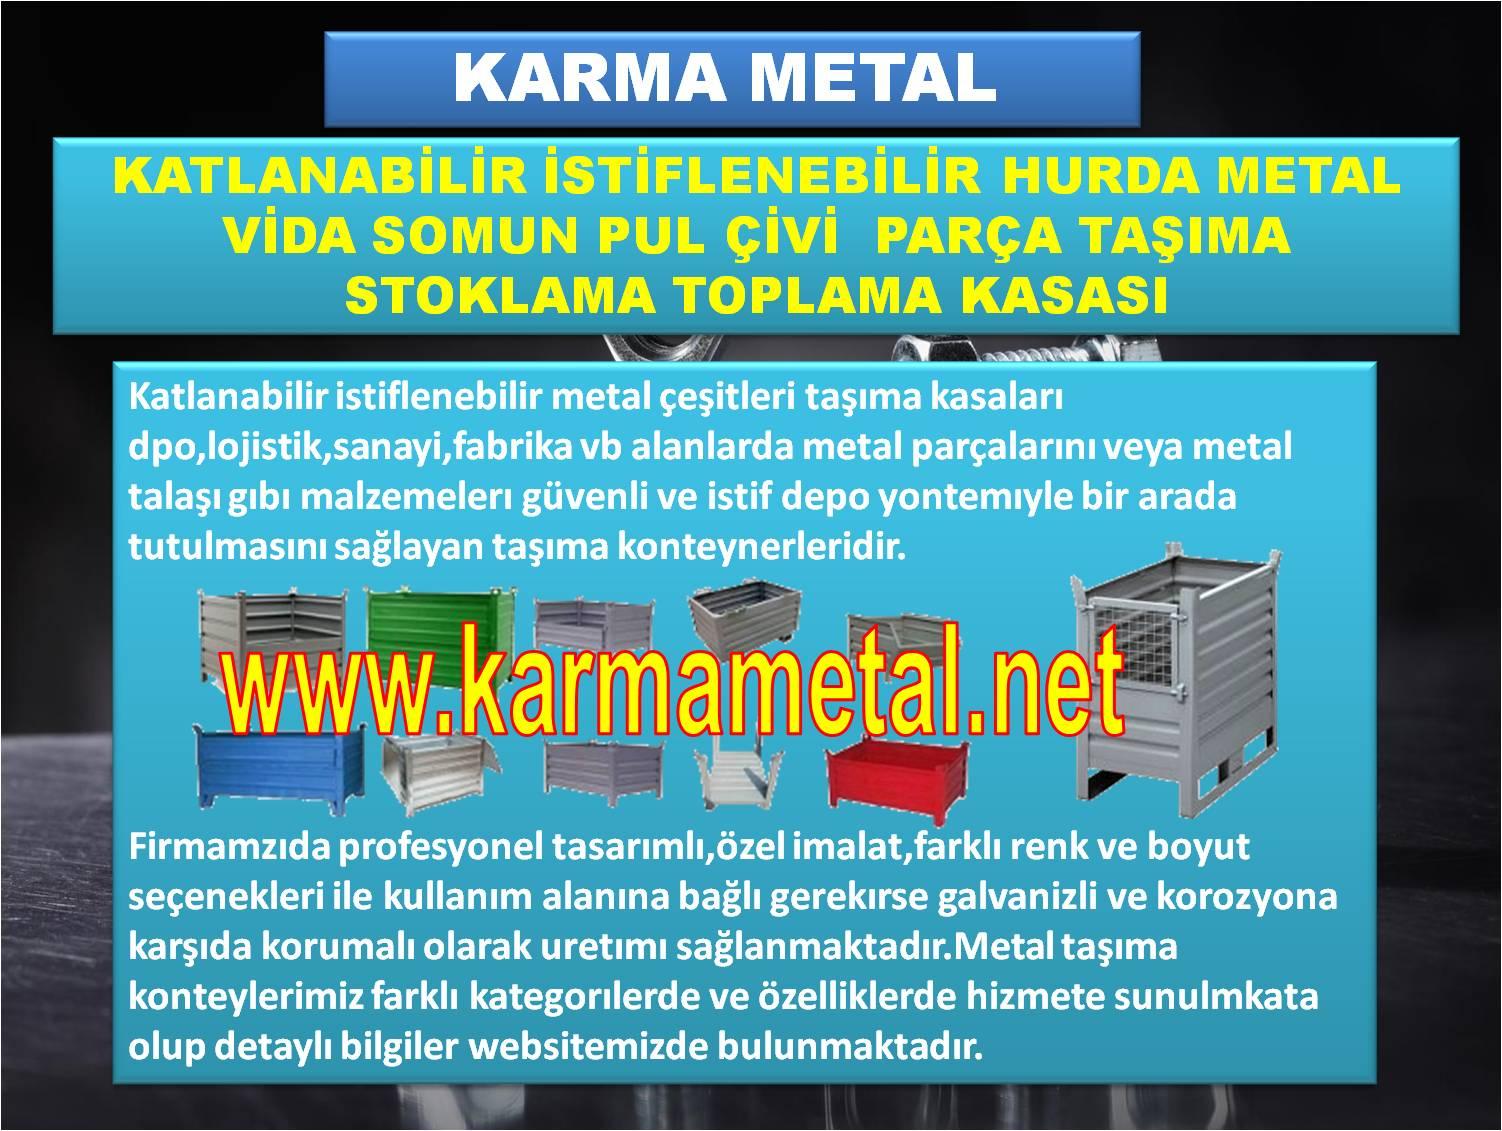 katlanabilir_istiflenebilir_metal_tasima_kasasi_kasalari_fiyati_sandiklari (3)